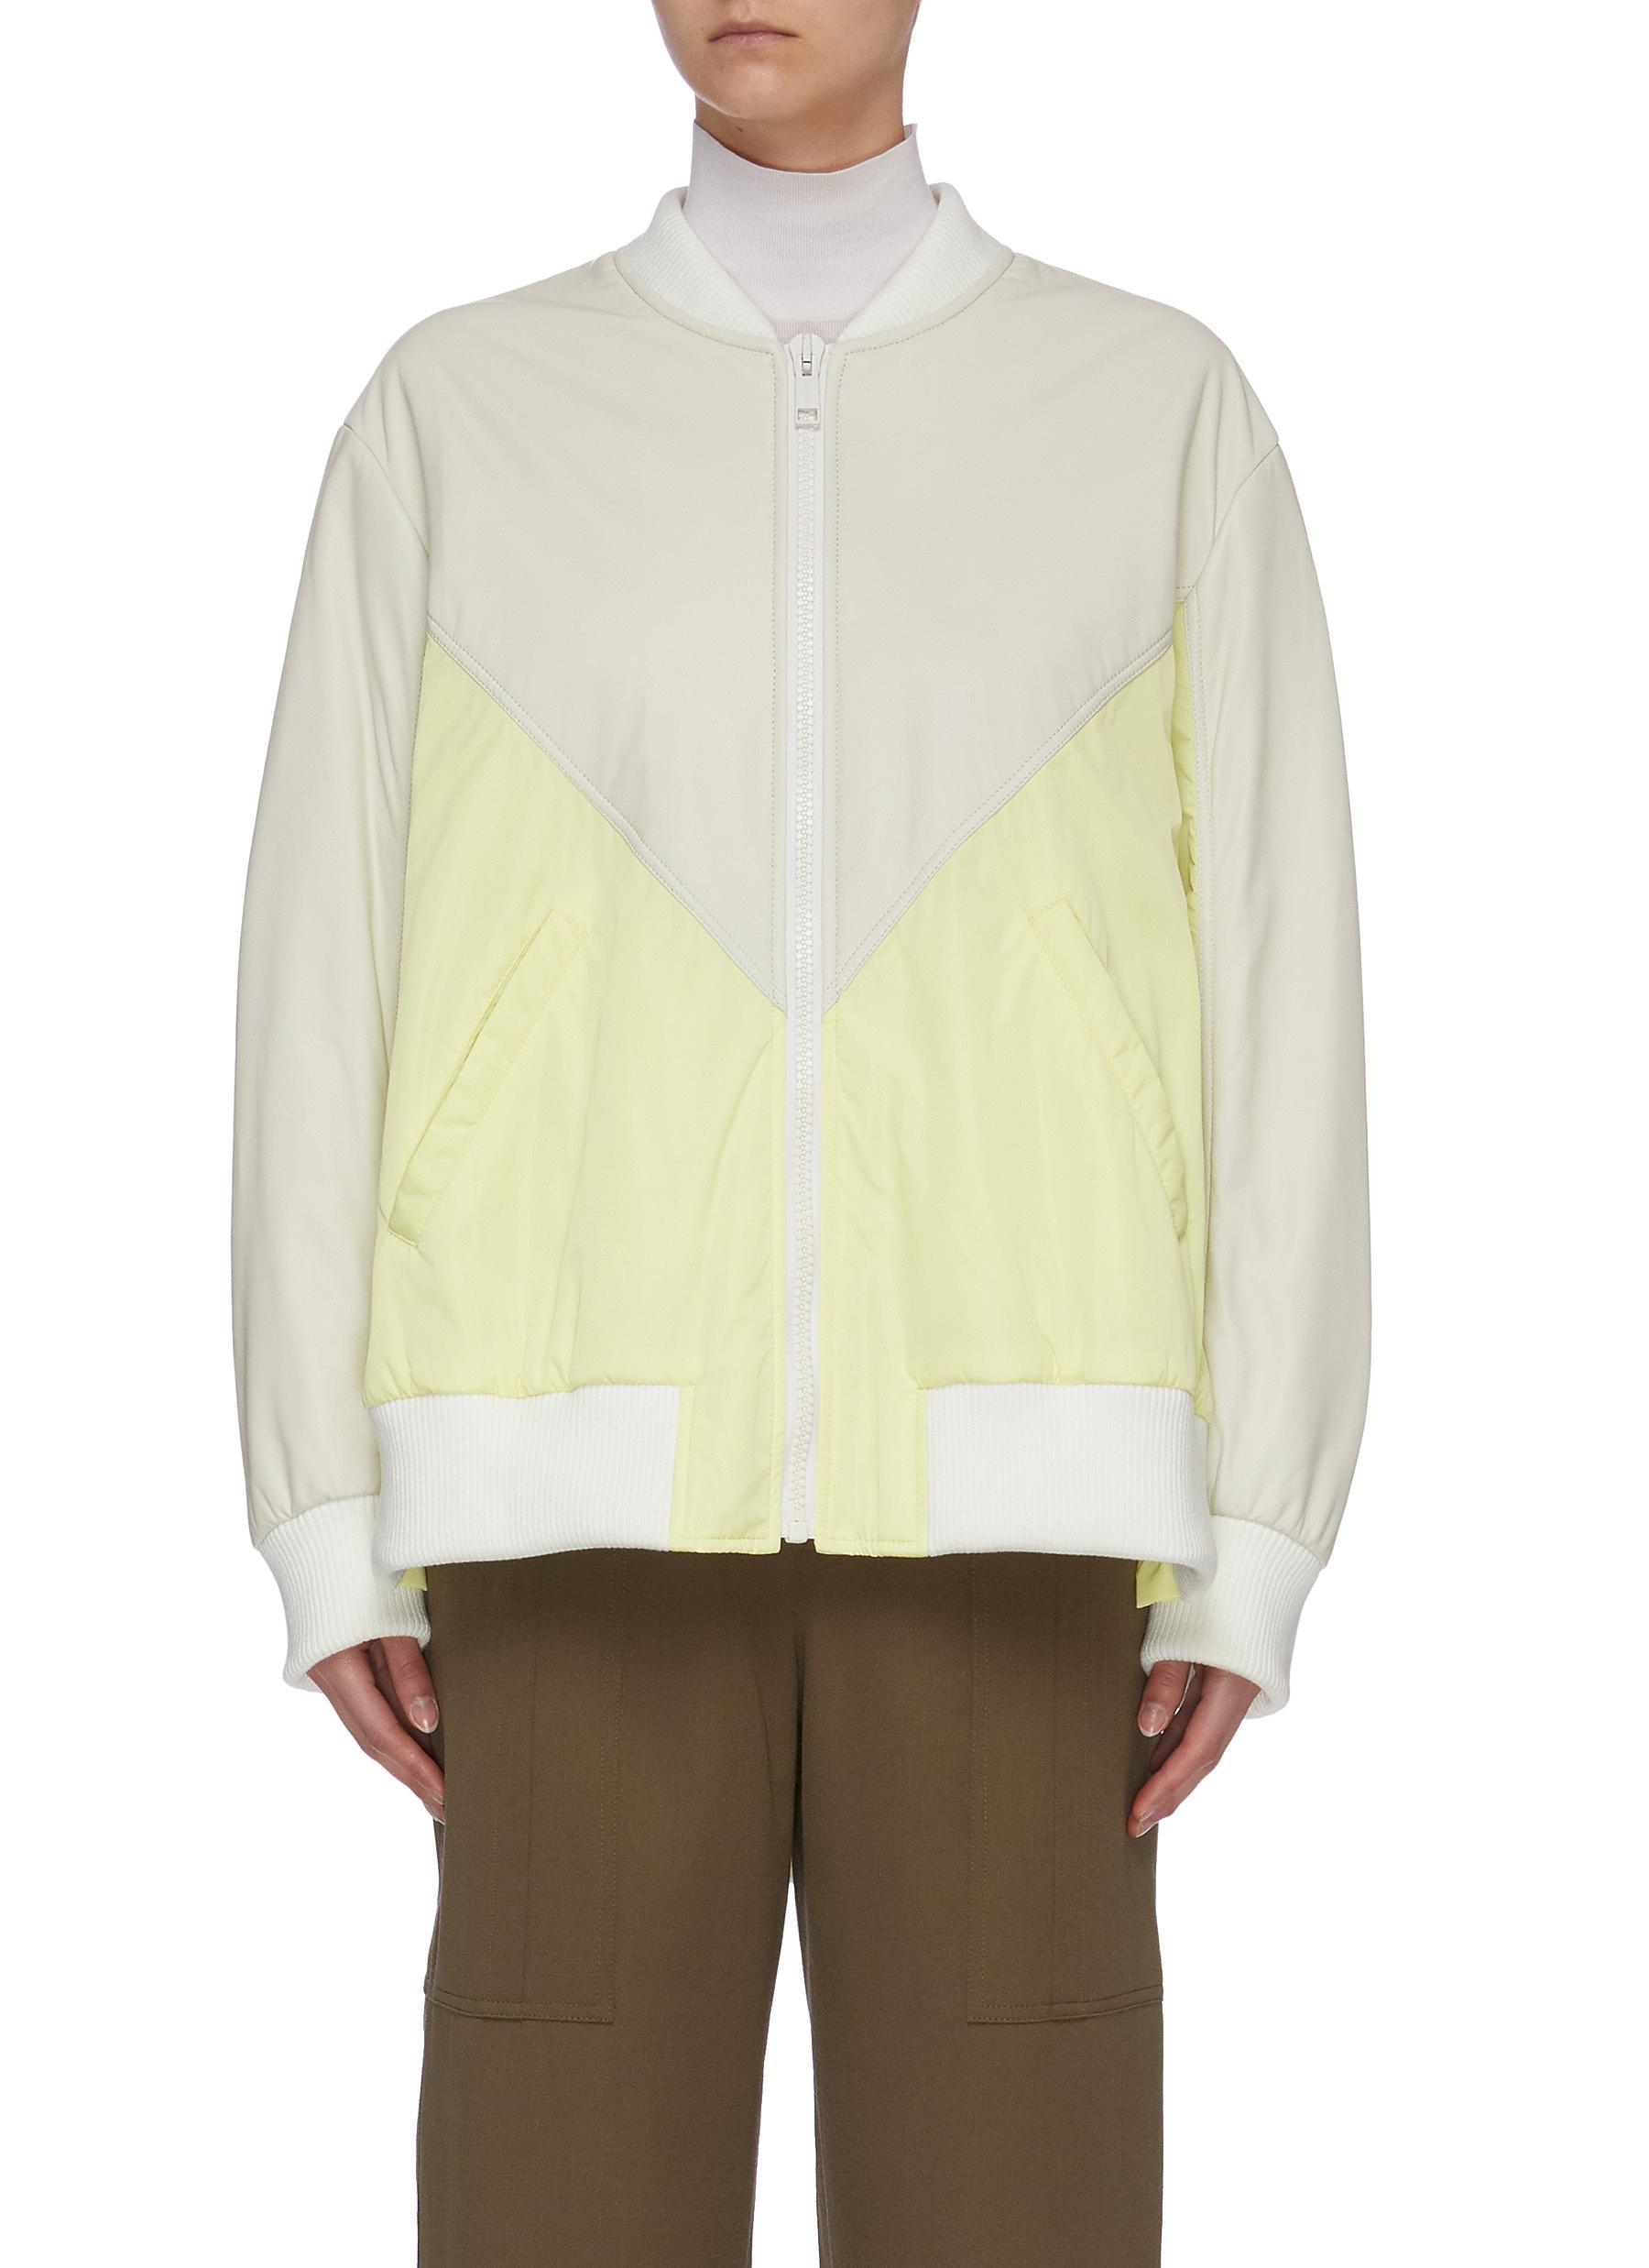 Buy Army By Yves Salomon Jackets Colourblock lambskin leather nylon jacket